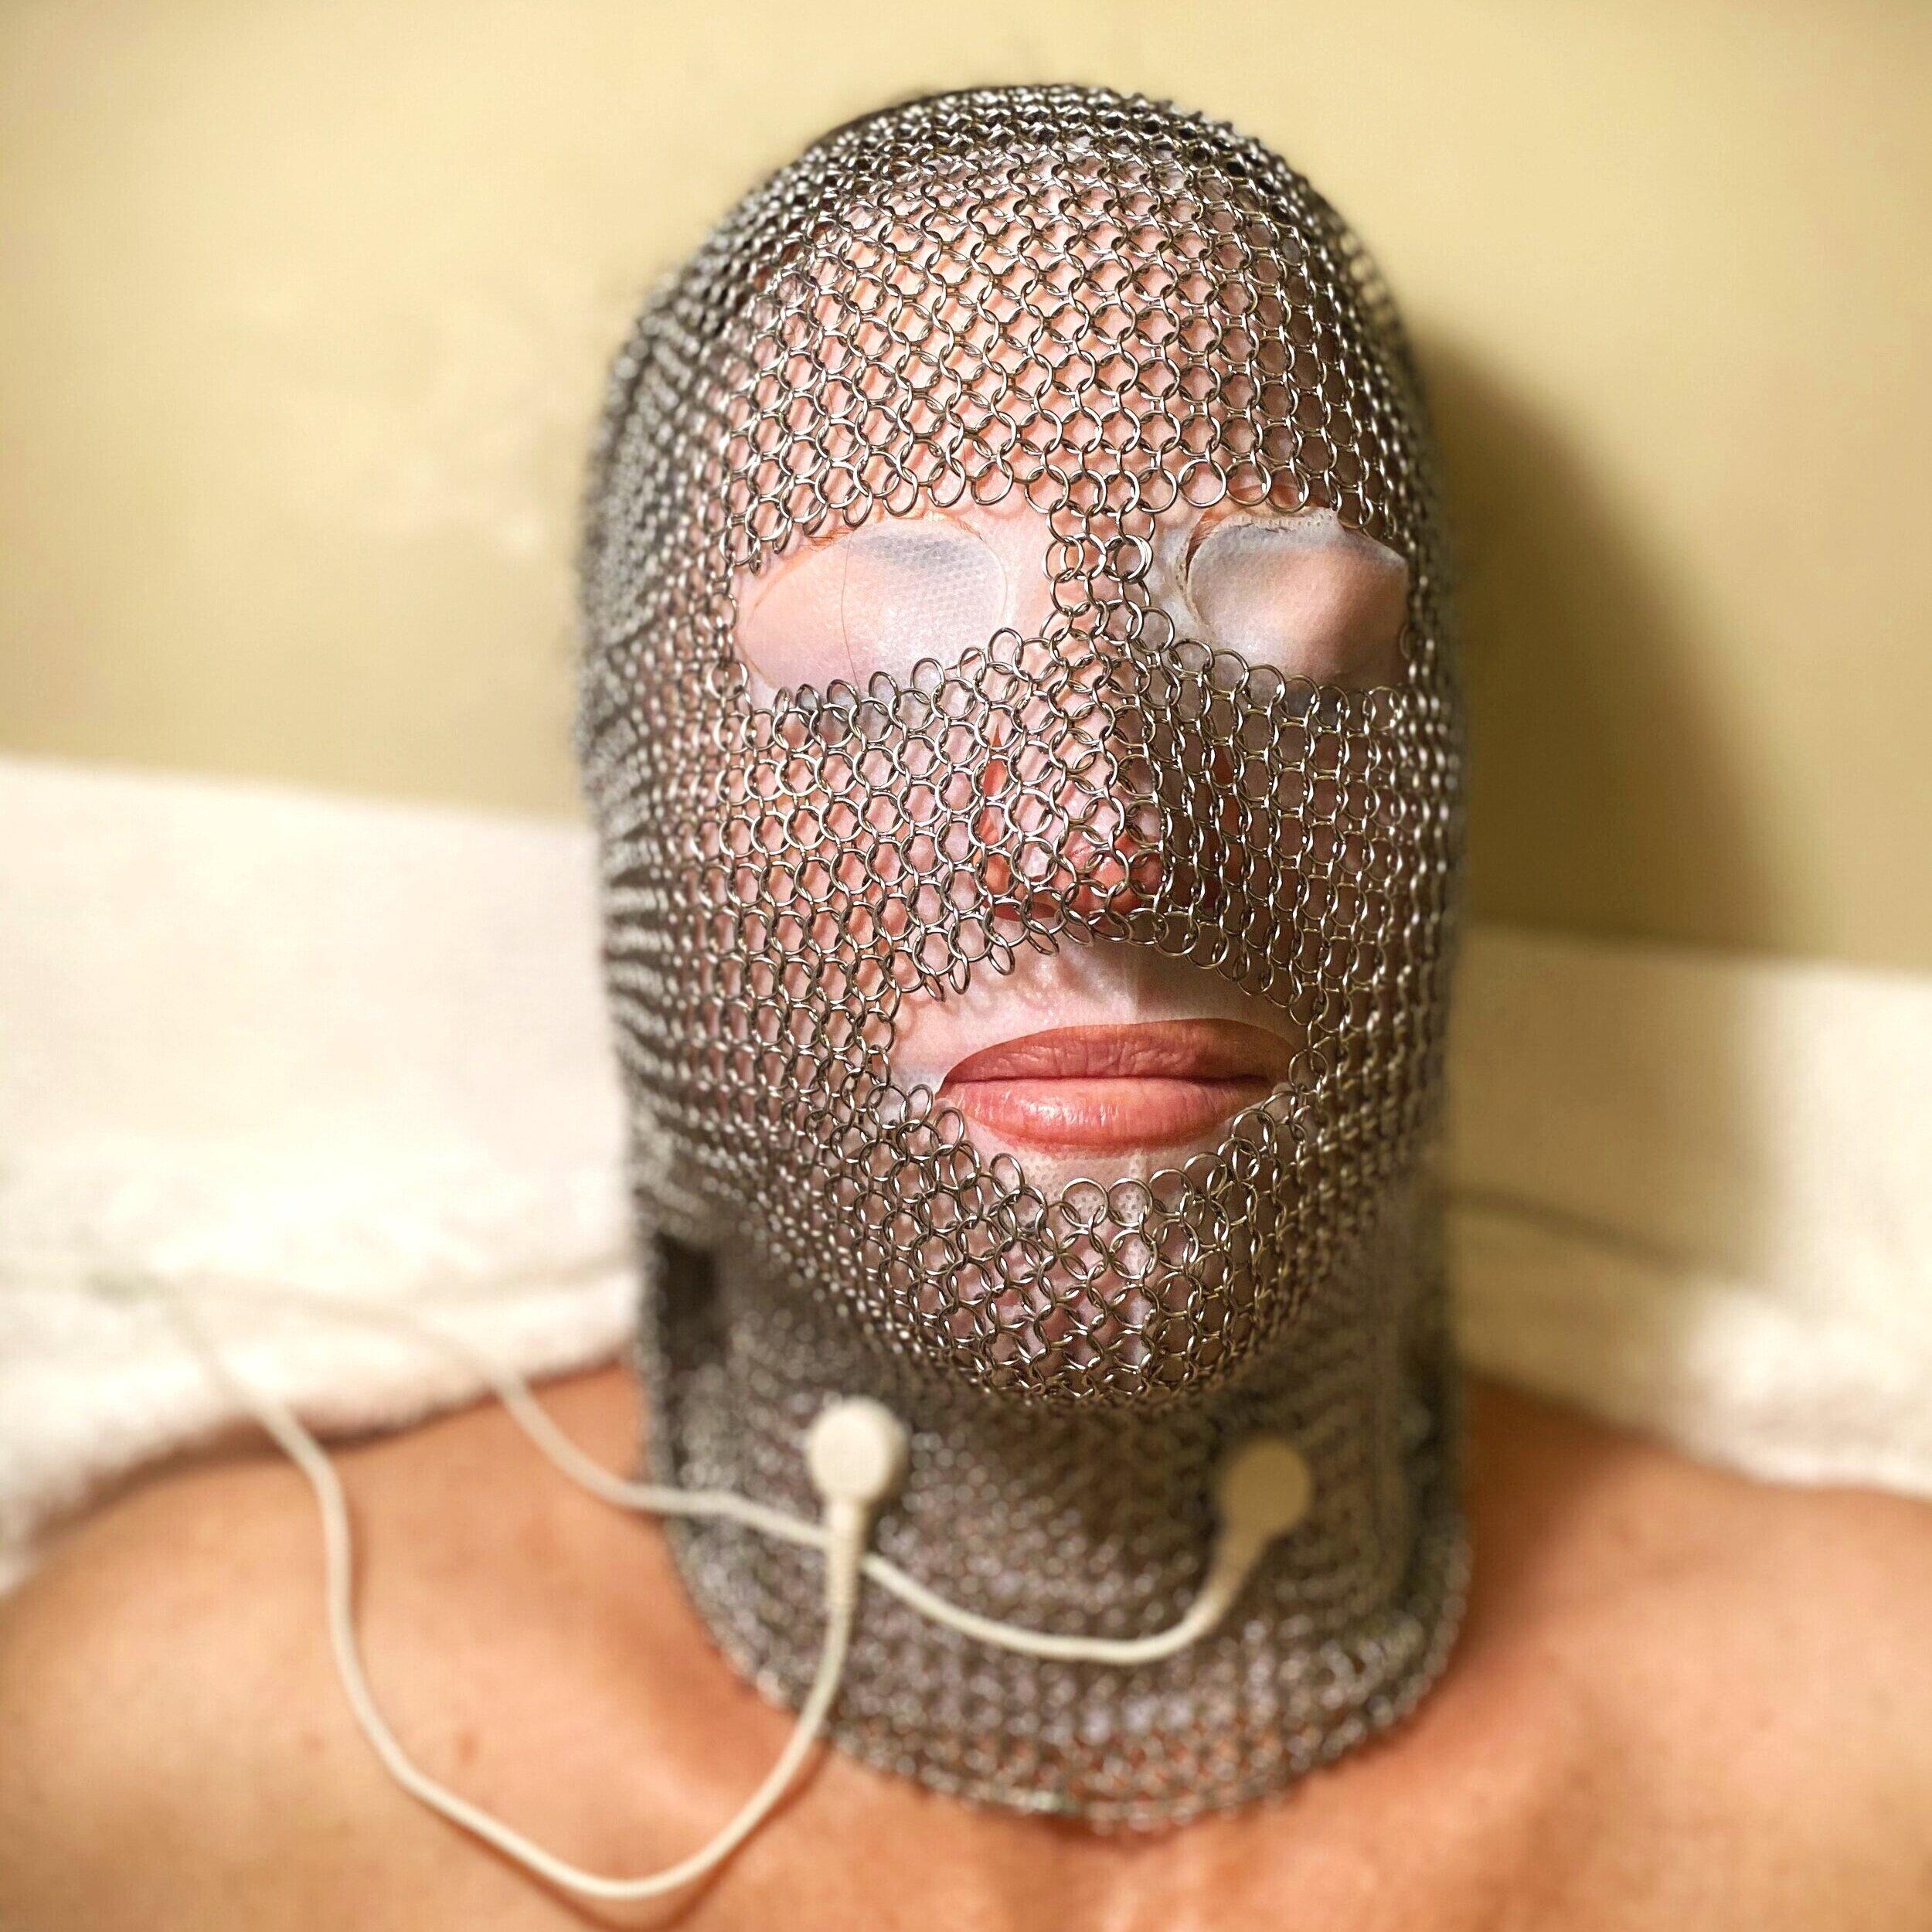 MK Dermotechnology Face Mask